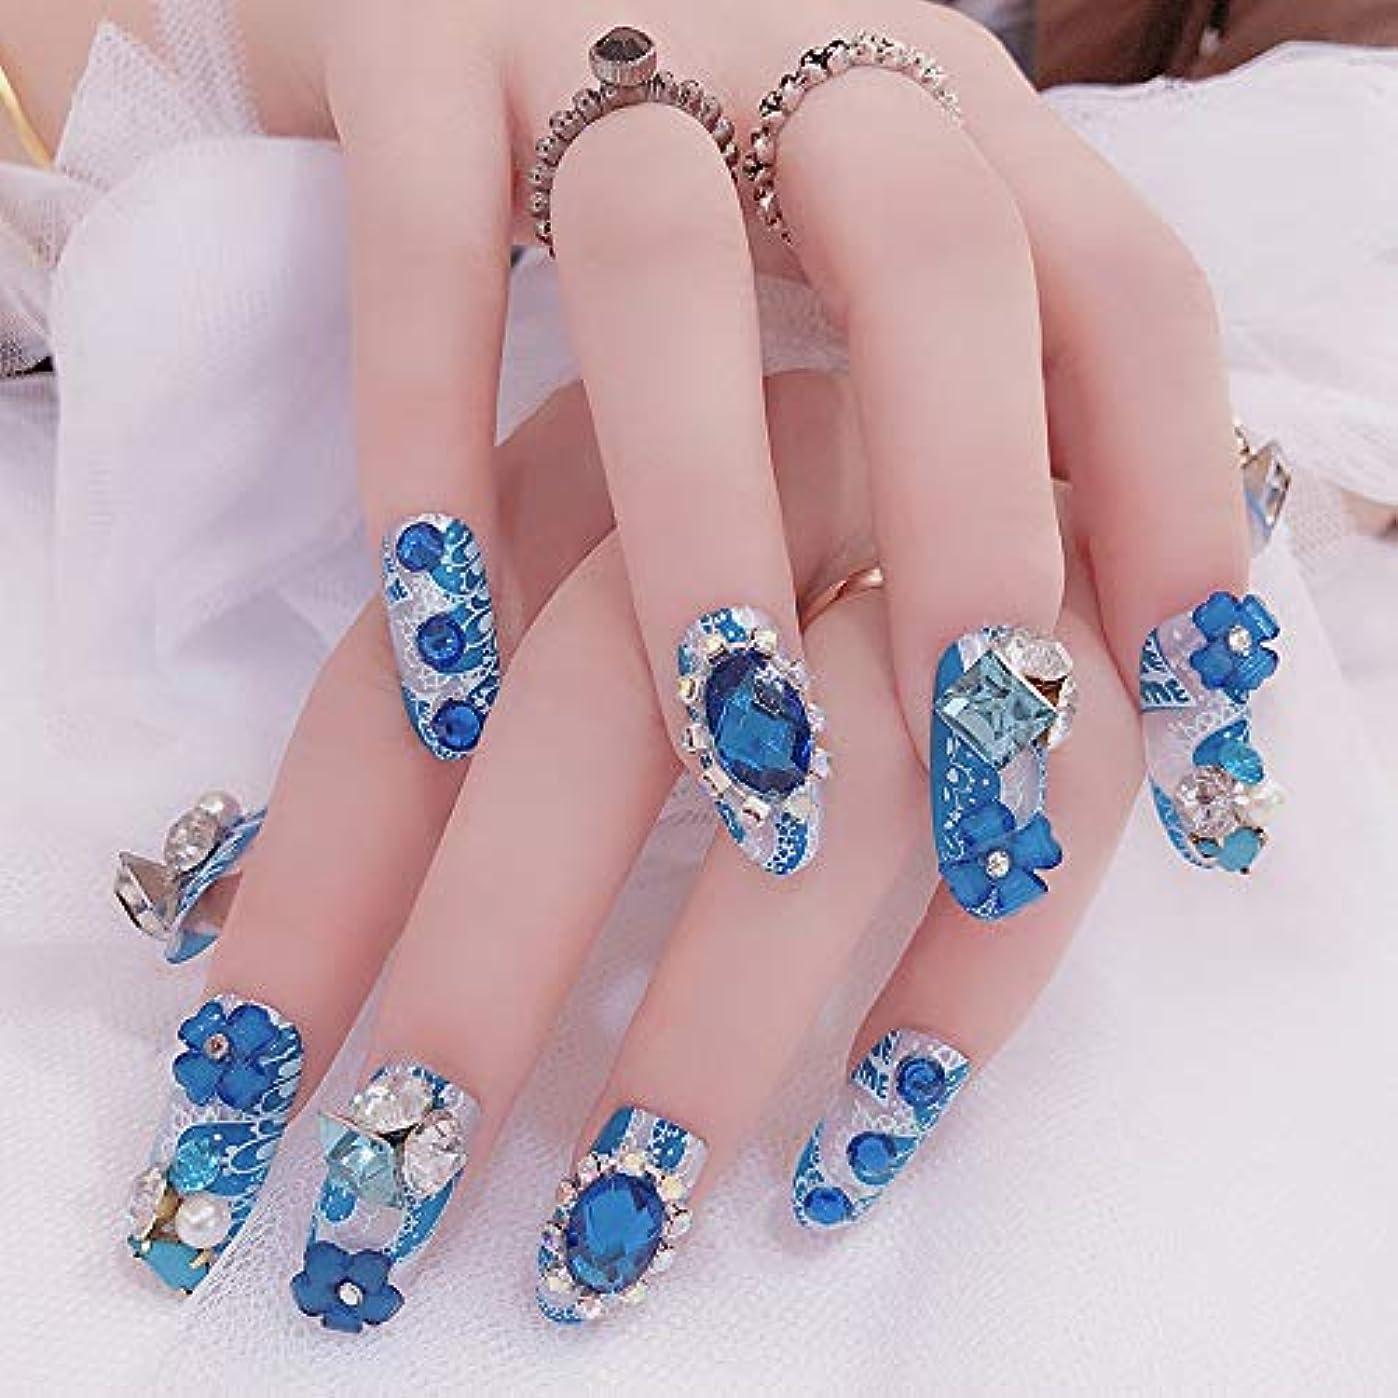 雨の提出する伝説豪华なつけ爪 眩しいつけ爪 ネイルチップ ブルー ラインストーンリボンが輝く 24枚組セット 結婚式、パーティー、二次会などに ネイルアート (AF03)